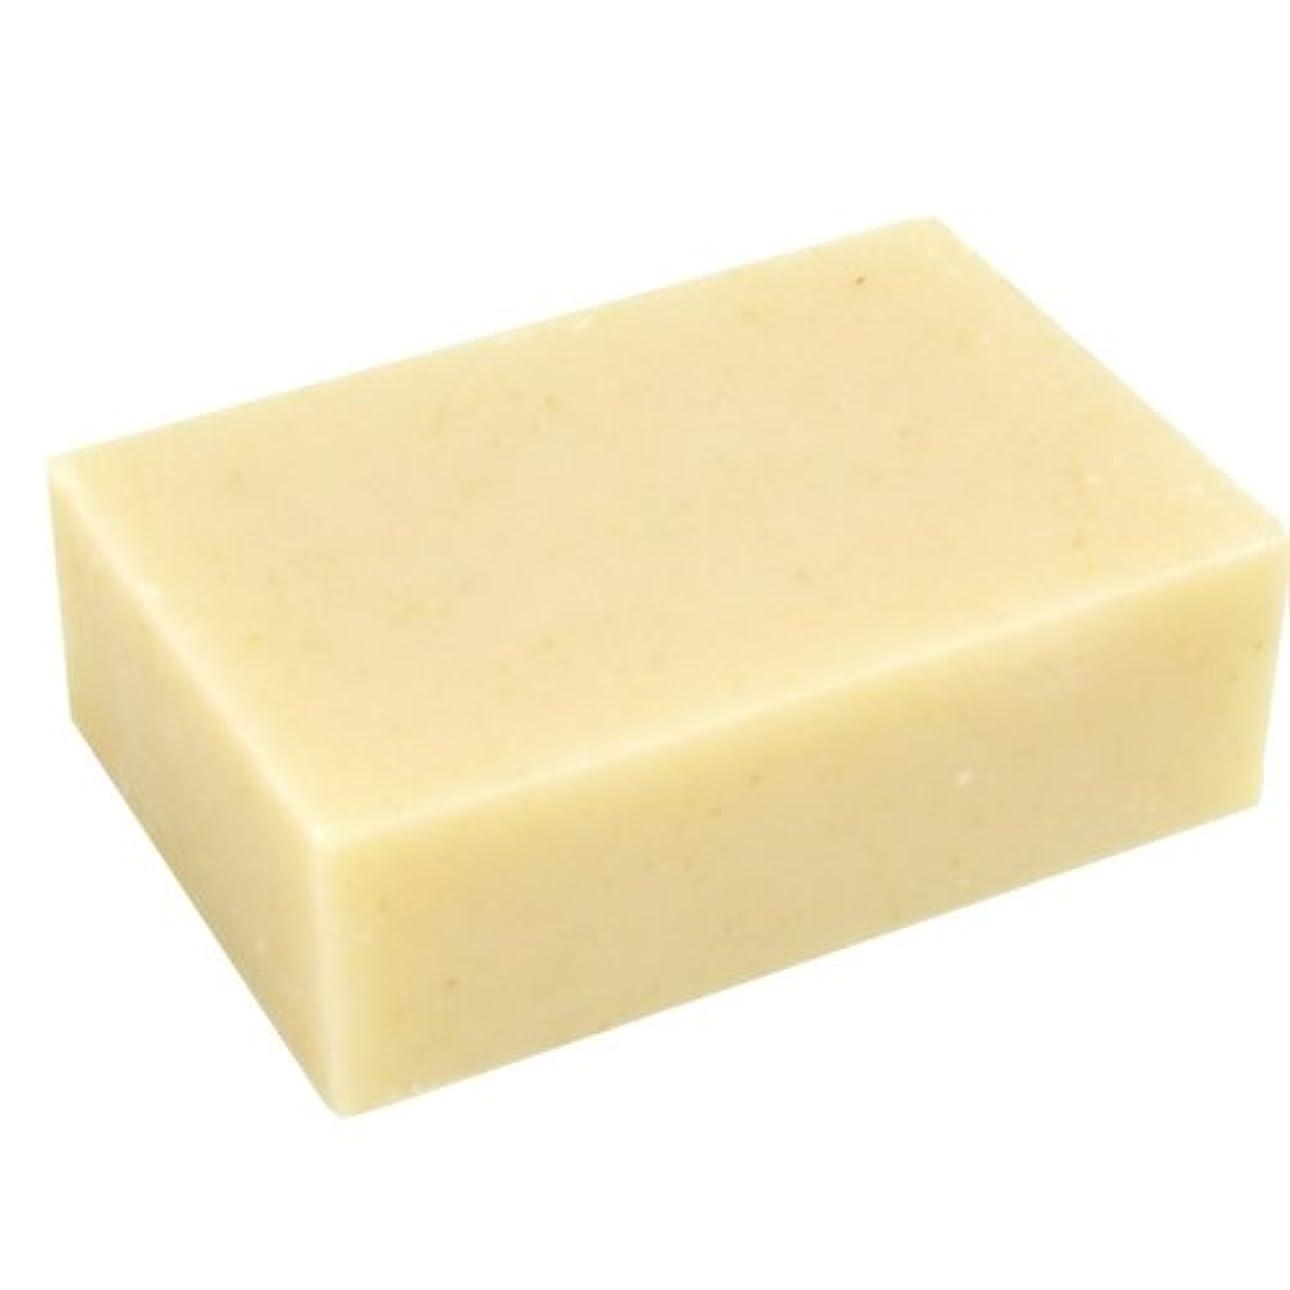 参加者コカイン広告主HAWAIIAN BATH & BODY SOAP ゼラニウム